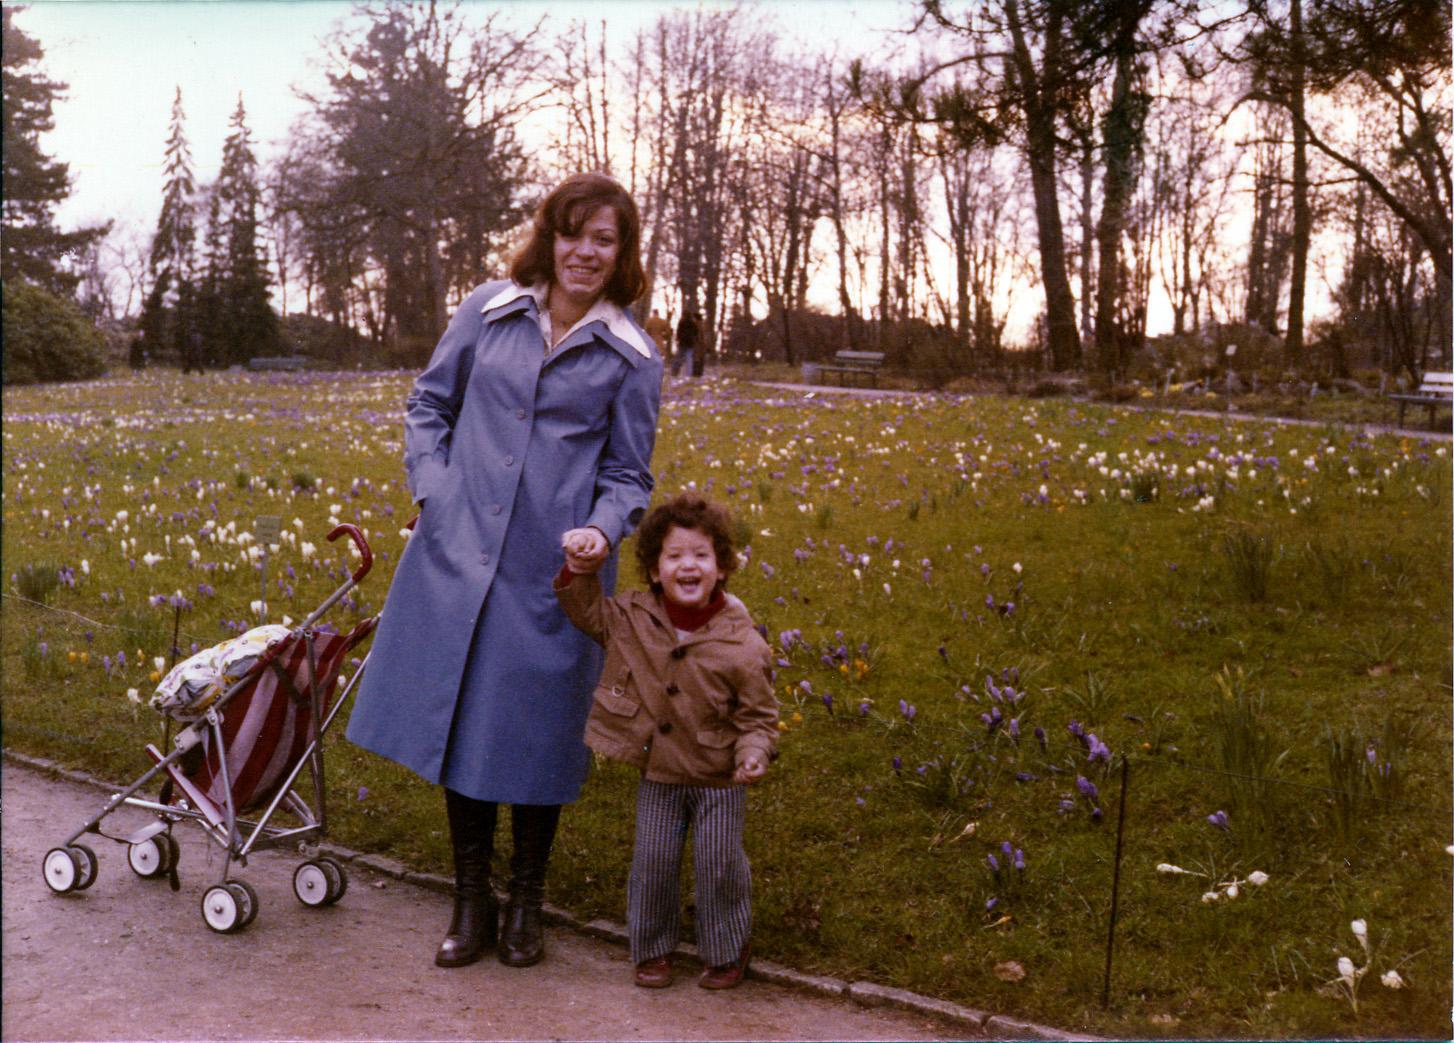 Meine Mutter und ich im Botanischen Garten in Berlin